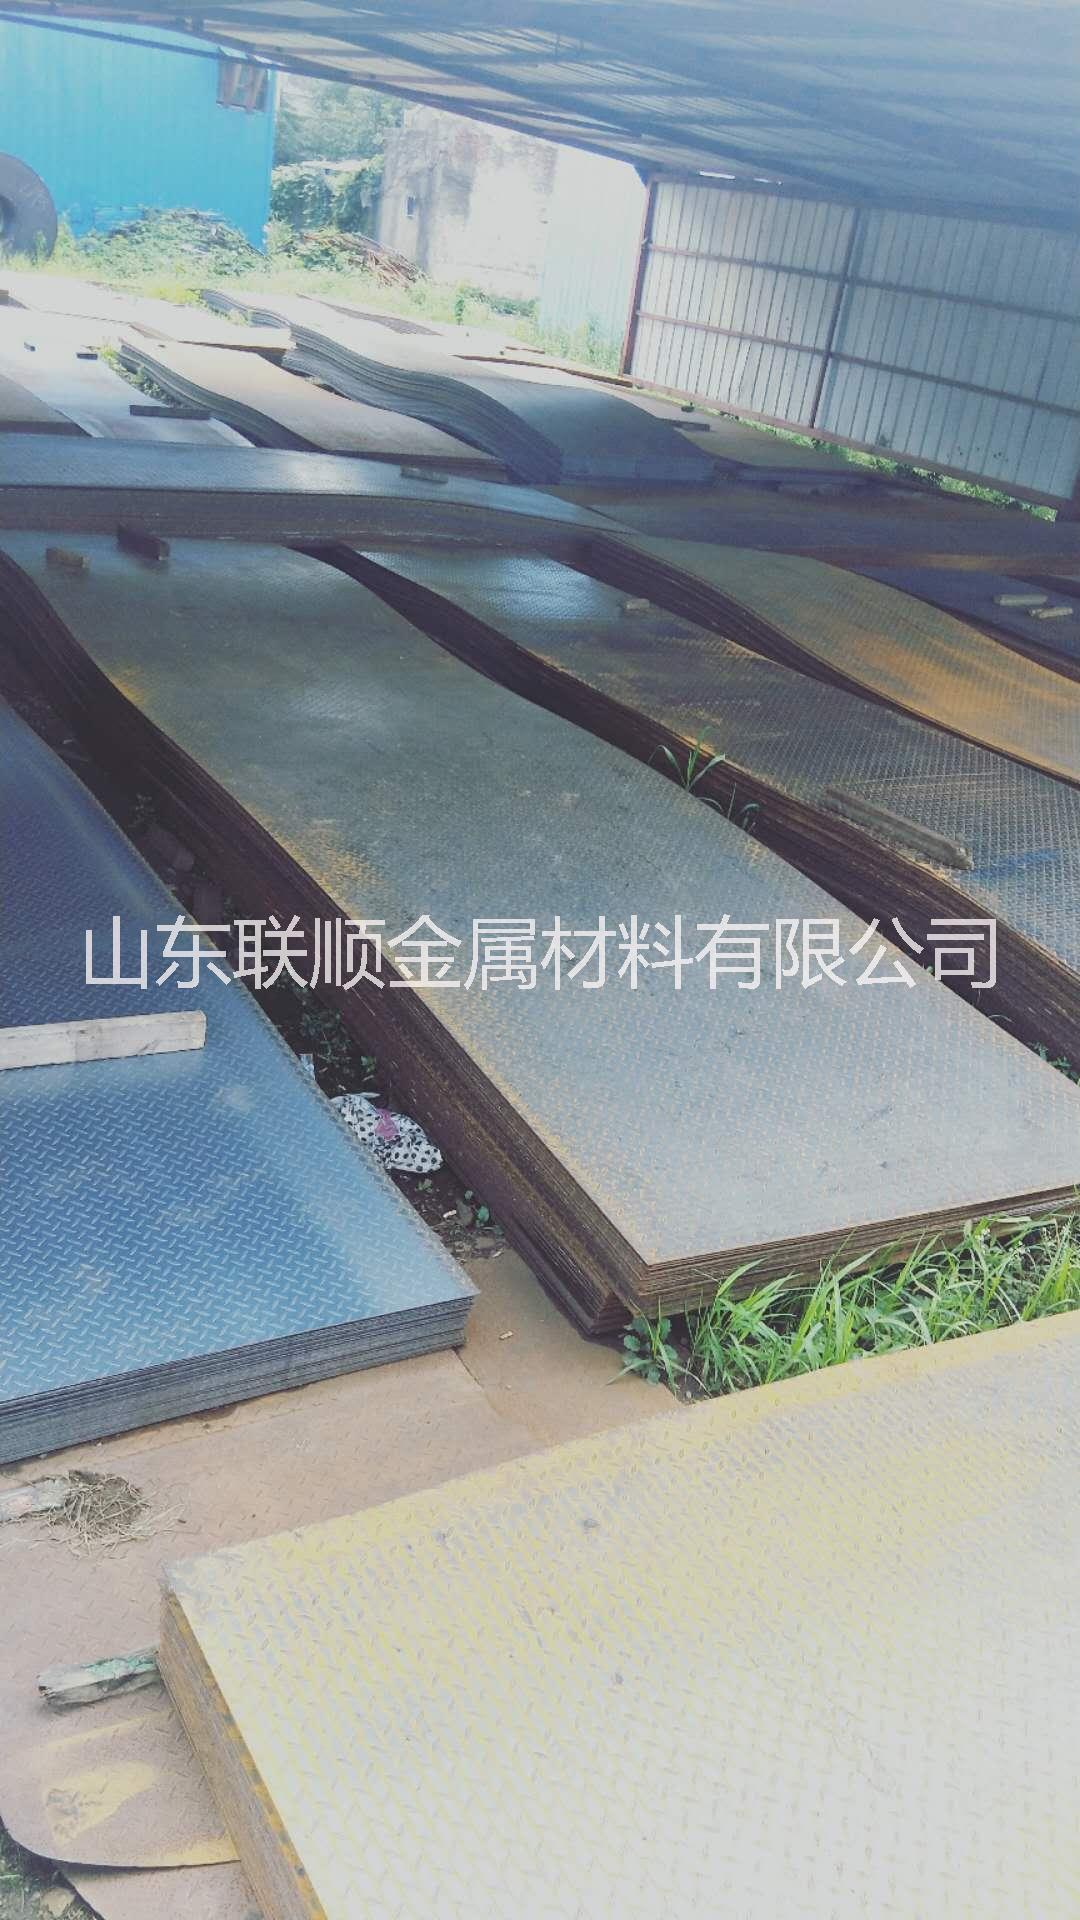 聊城Q355NH耐候卷 Q355NH耐候卷厂家报价 Q355NH耐候卷现货 Q355NH耐候板现货 山东耐候板